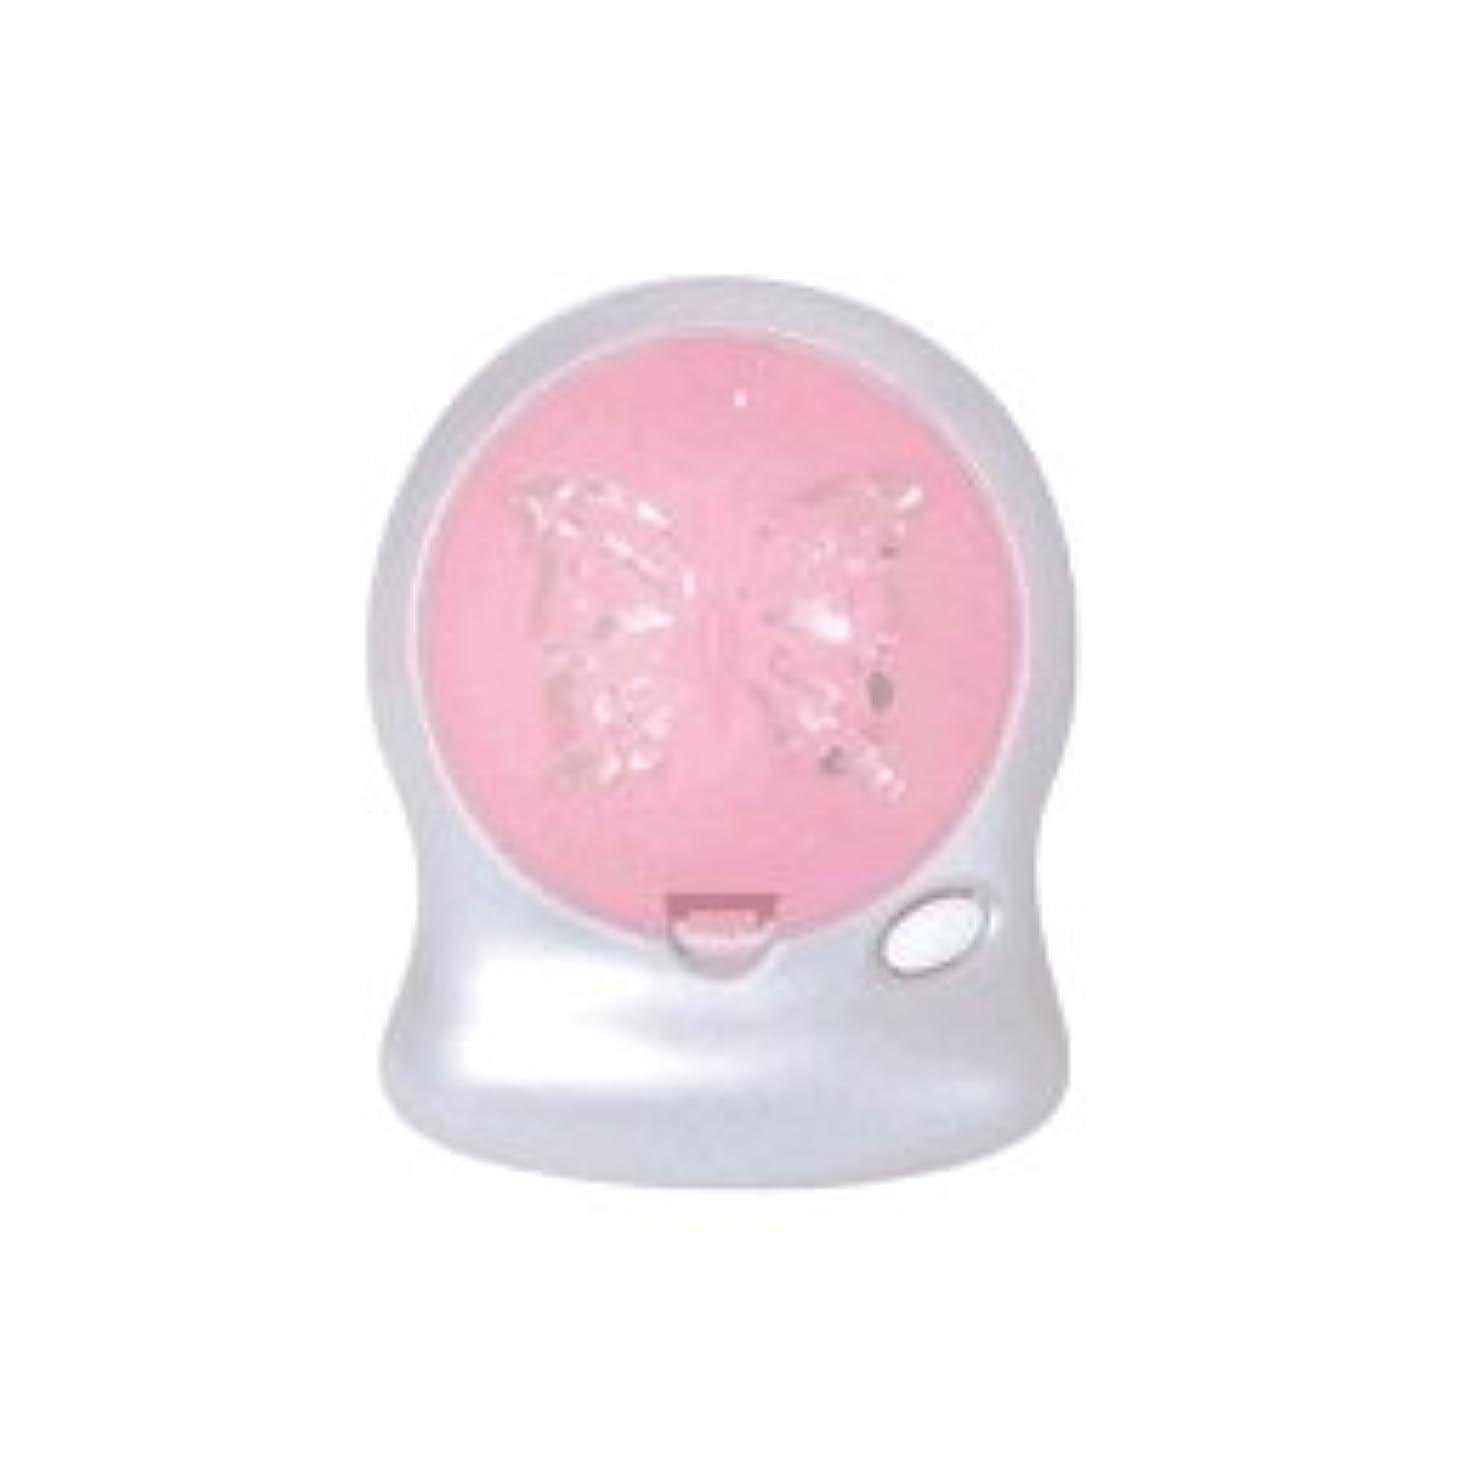 アミューズ速報攻撃的アロマブリーズ Nova t Jill (蝶柄) ピンク オフタイマー付モバイルファン式芳香器